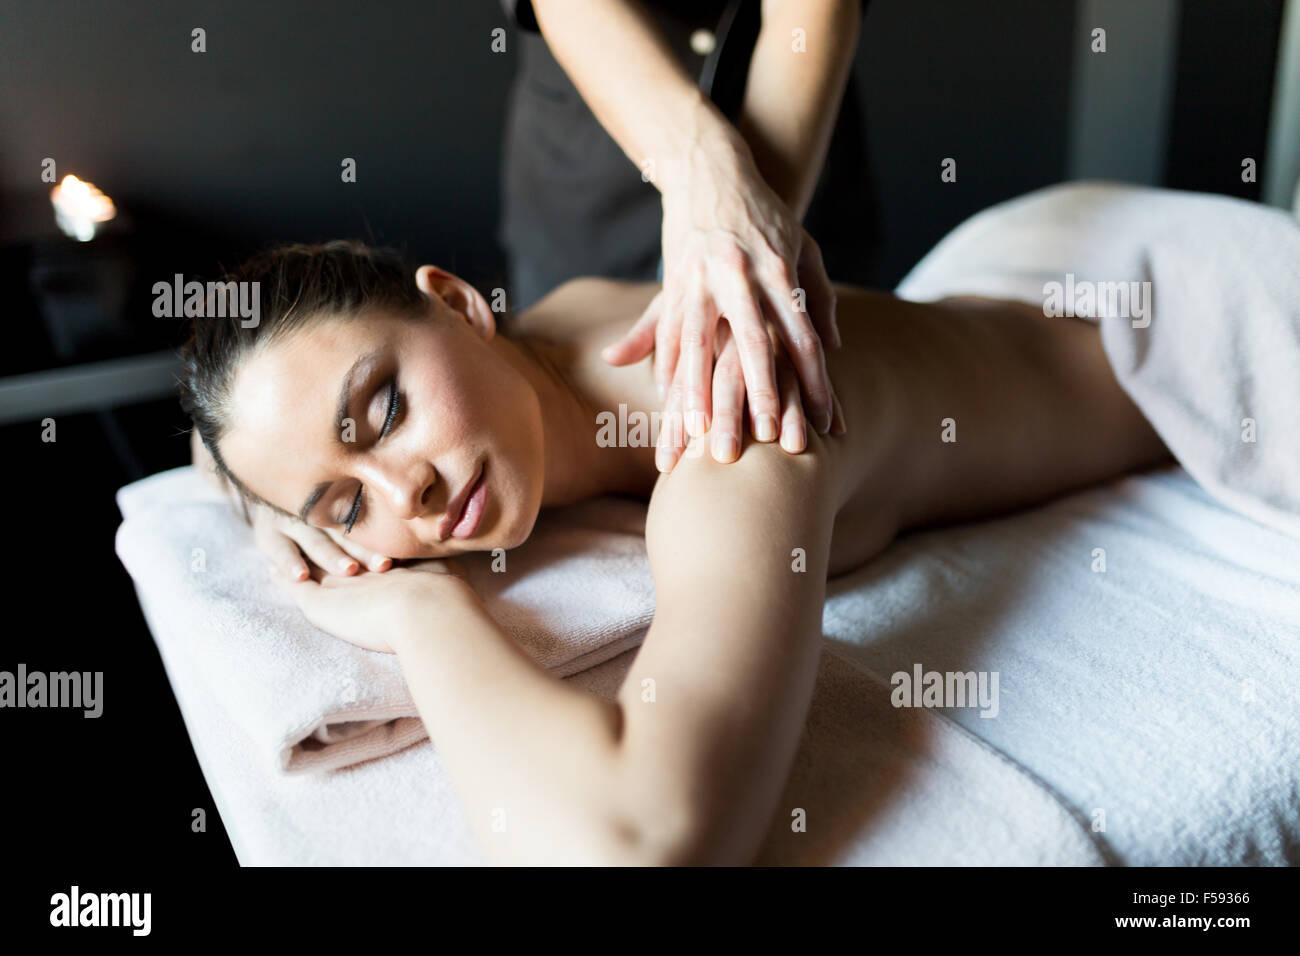 Belle, jeune et sain femme qui a son épaule et corps masser par un masseur professionnel à un centre spa Photo Stock